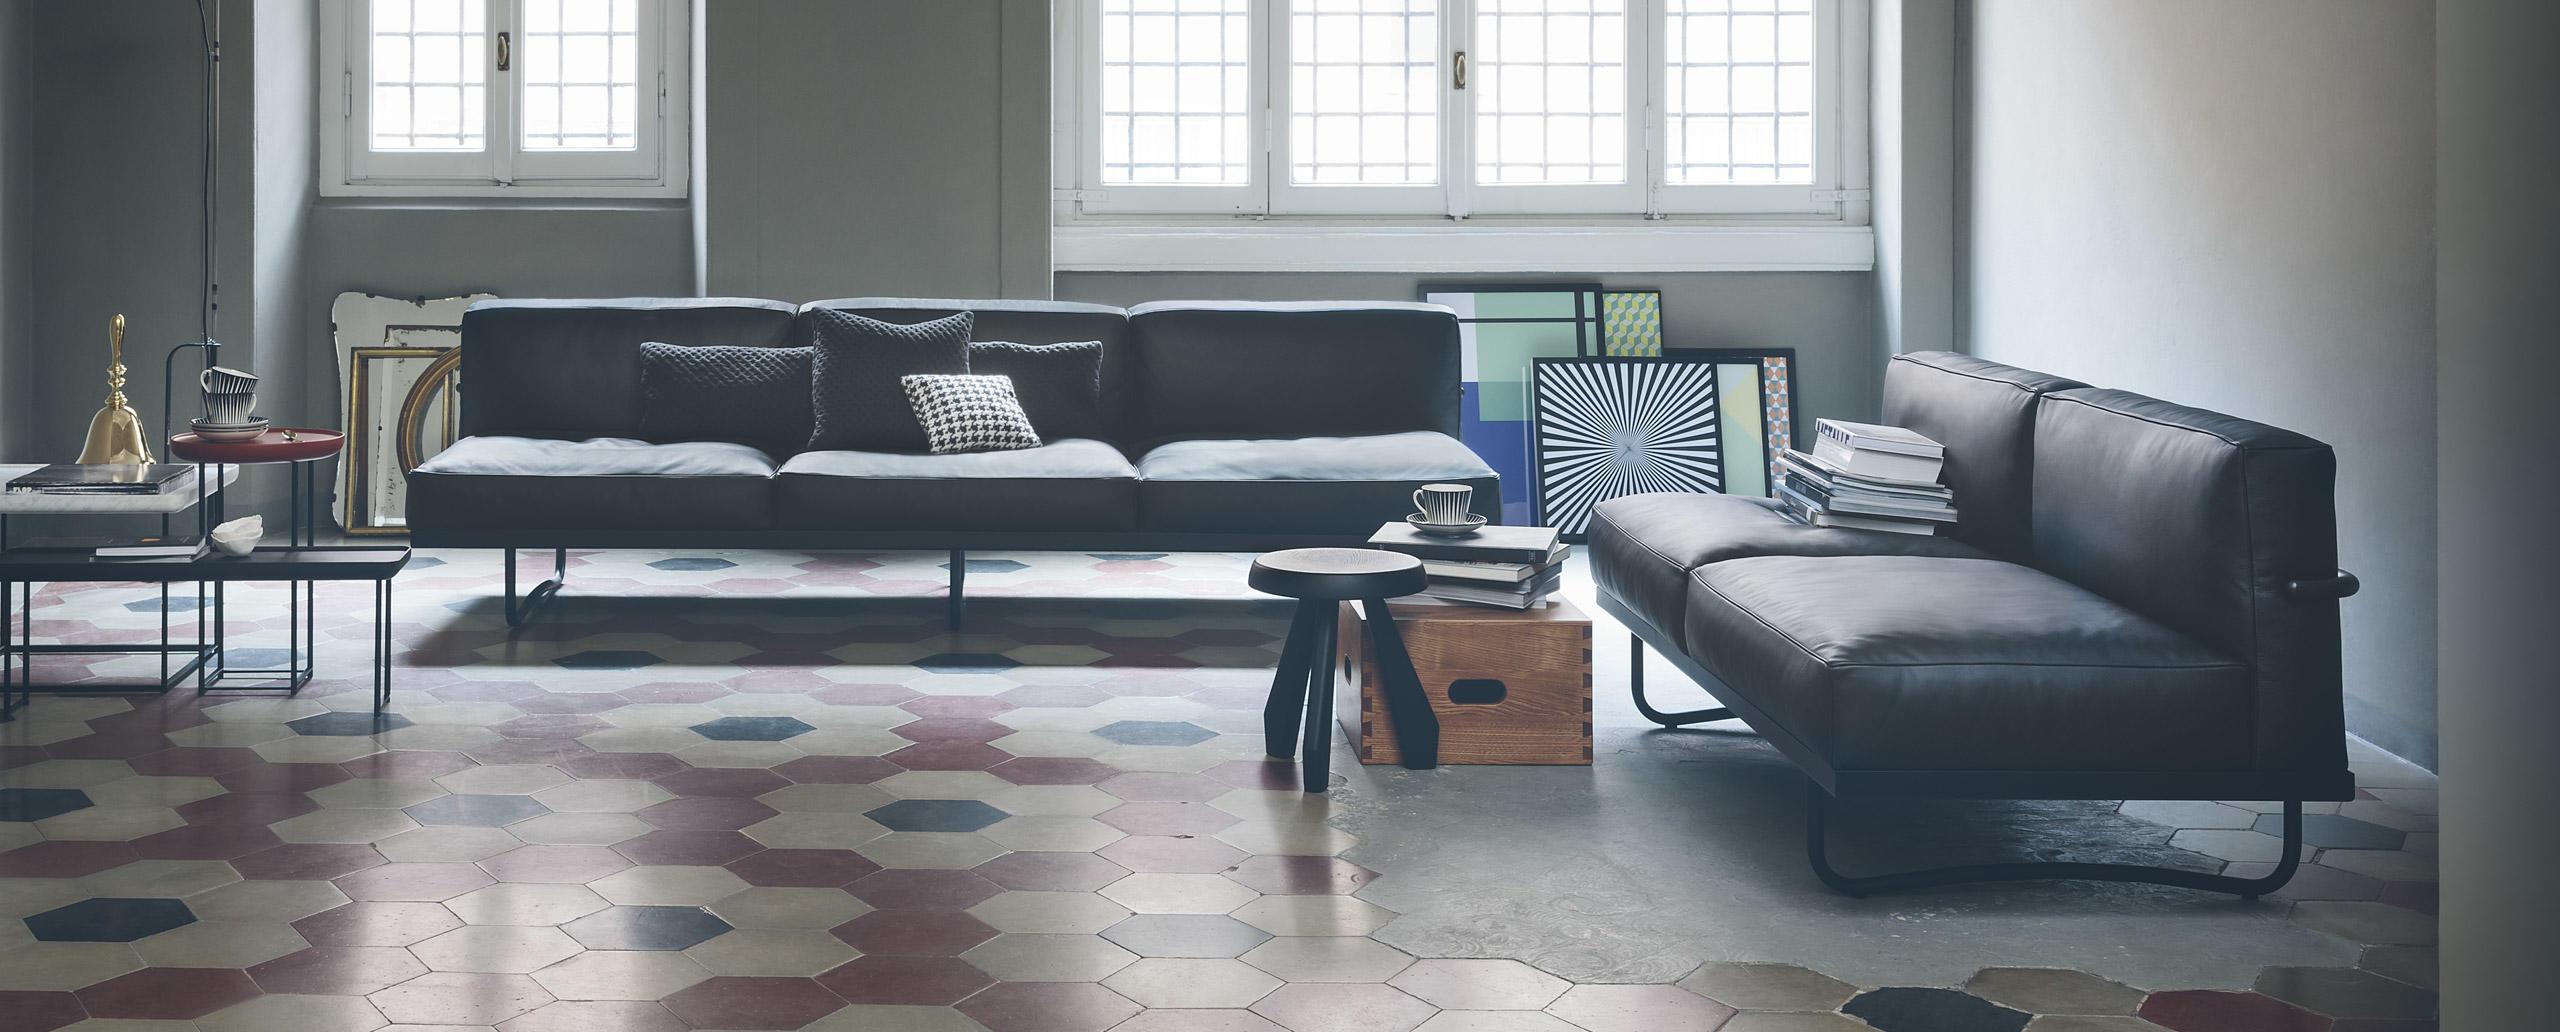 Canapés à deux ou bien trois places adapté par la Fondation Le Corbusier et successions Charlotte Perriand, Pierre Jeanneret en 2014